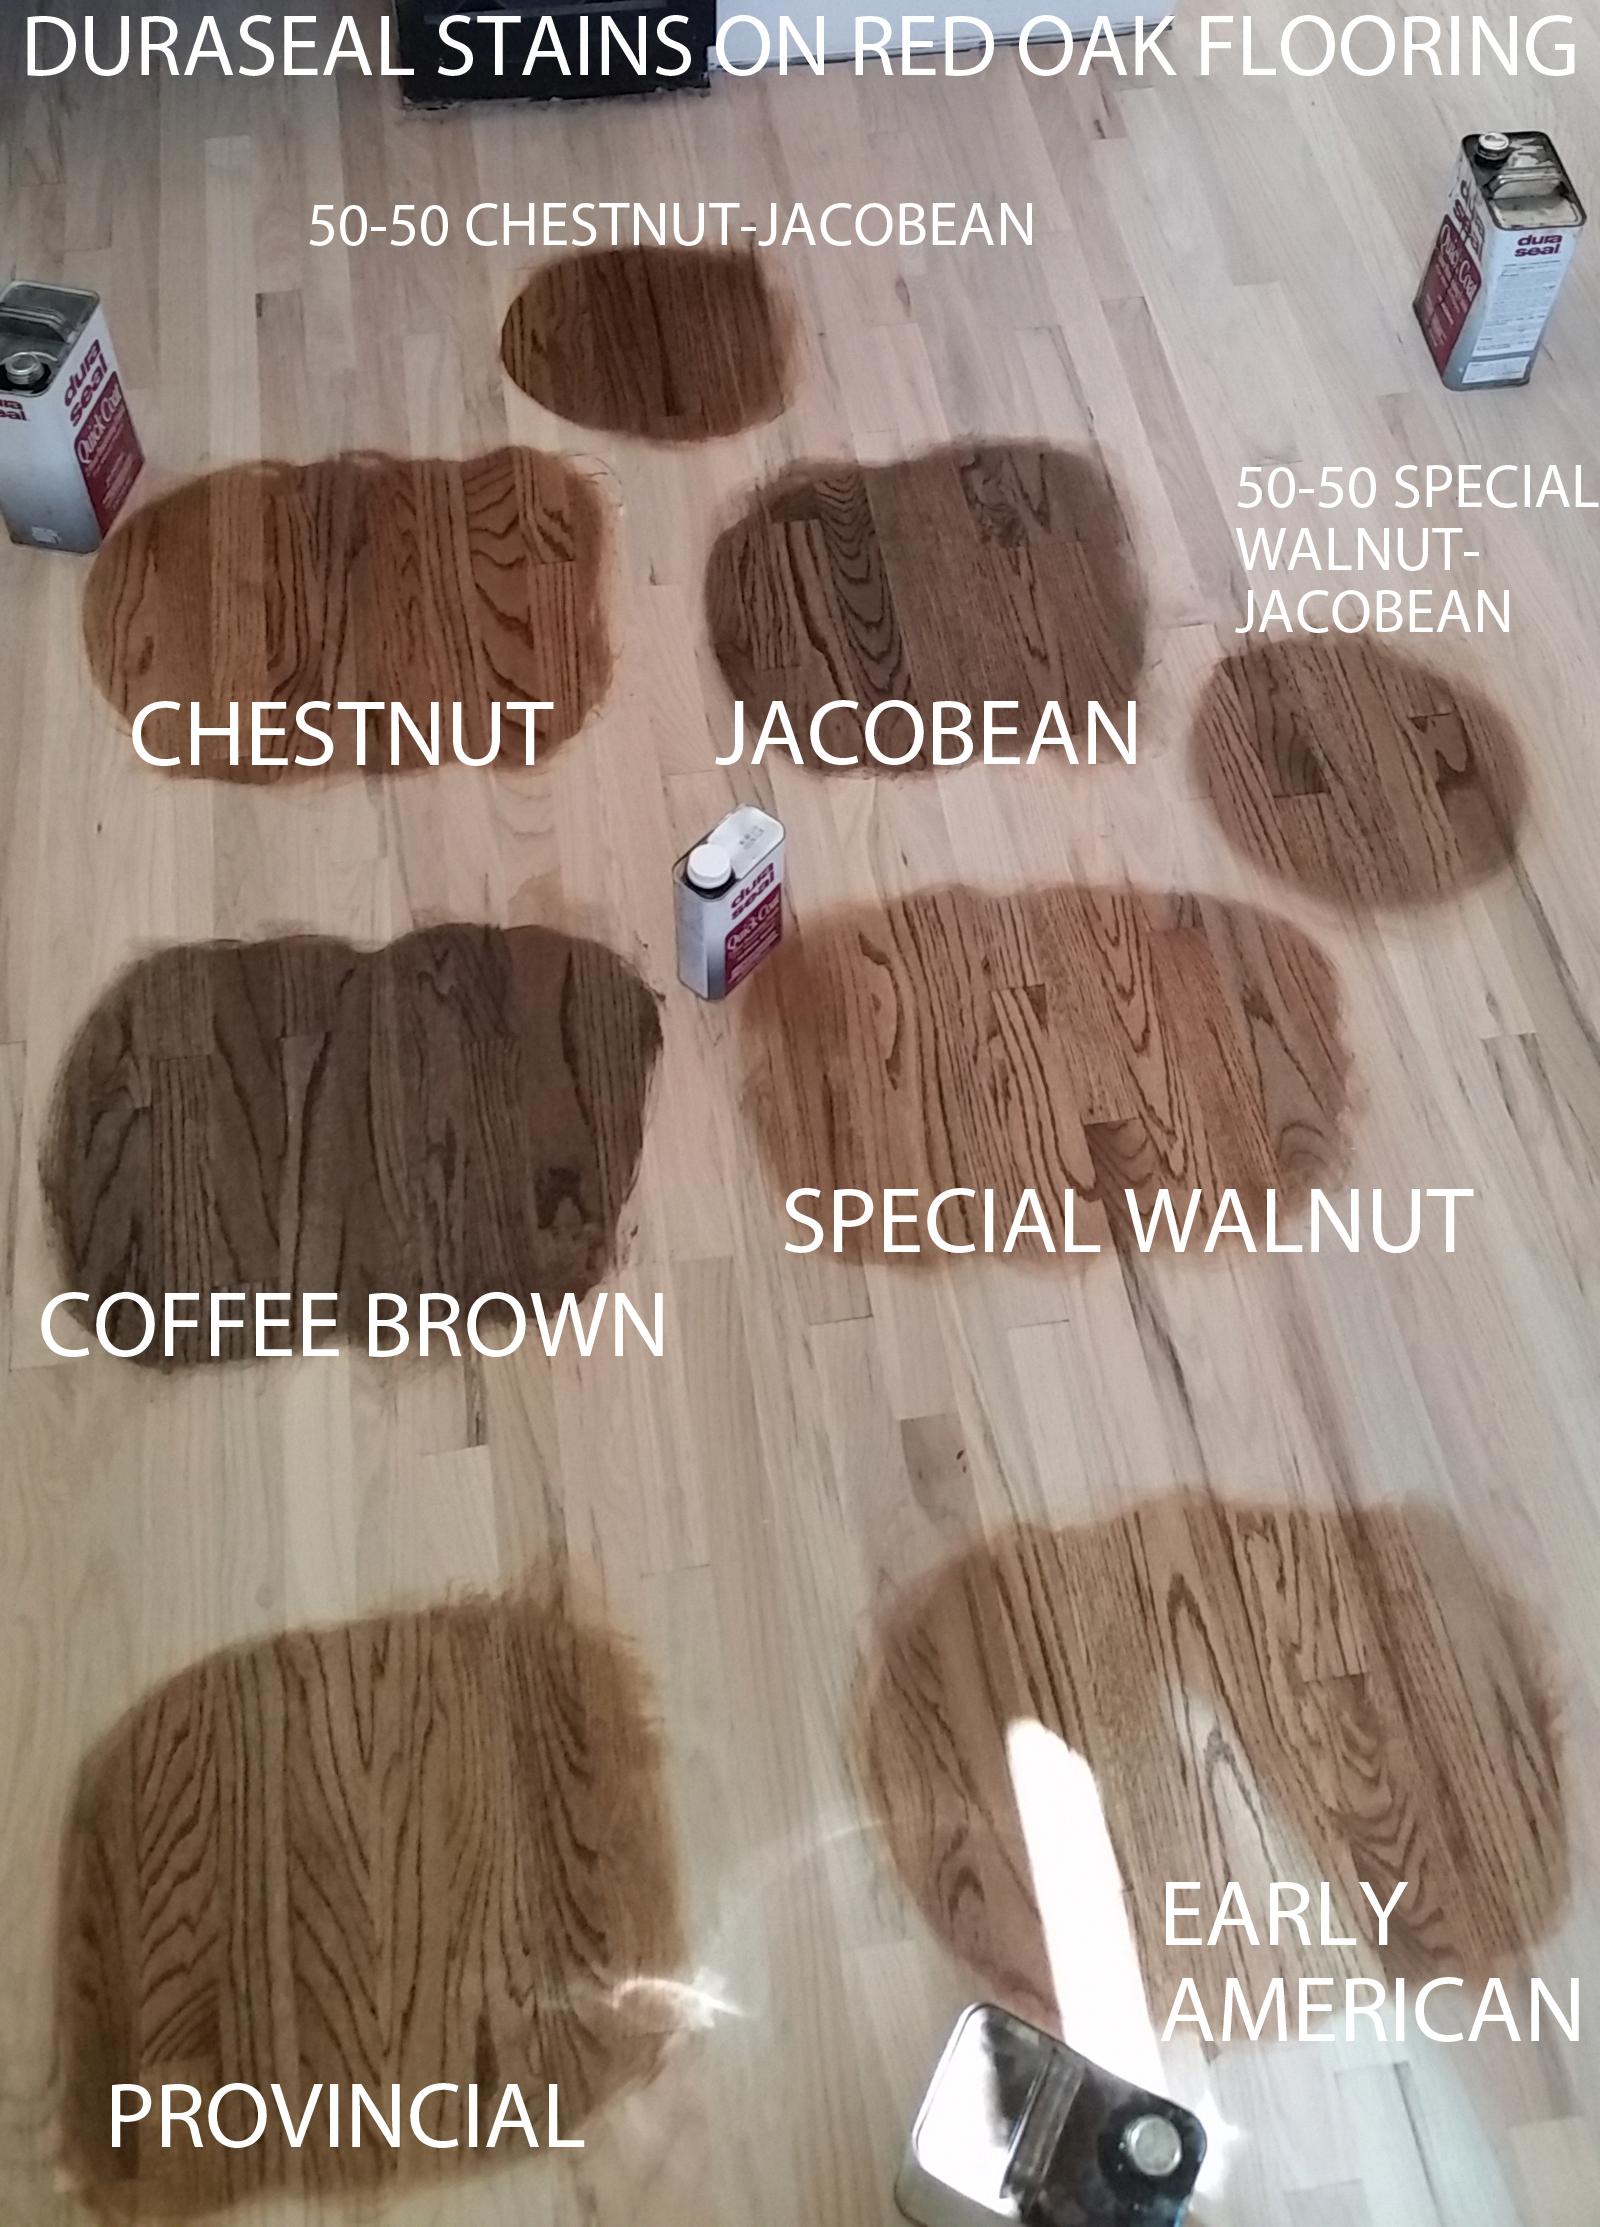 Duraseal Fleck Auf Holzboden Aus Roter Eiche Chestnut Jacobean Coffee Brown Speci Duraseal Fleck Auf Holzboden Aus In 2020 Roteiche Eichenholzboden Holzbeize